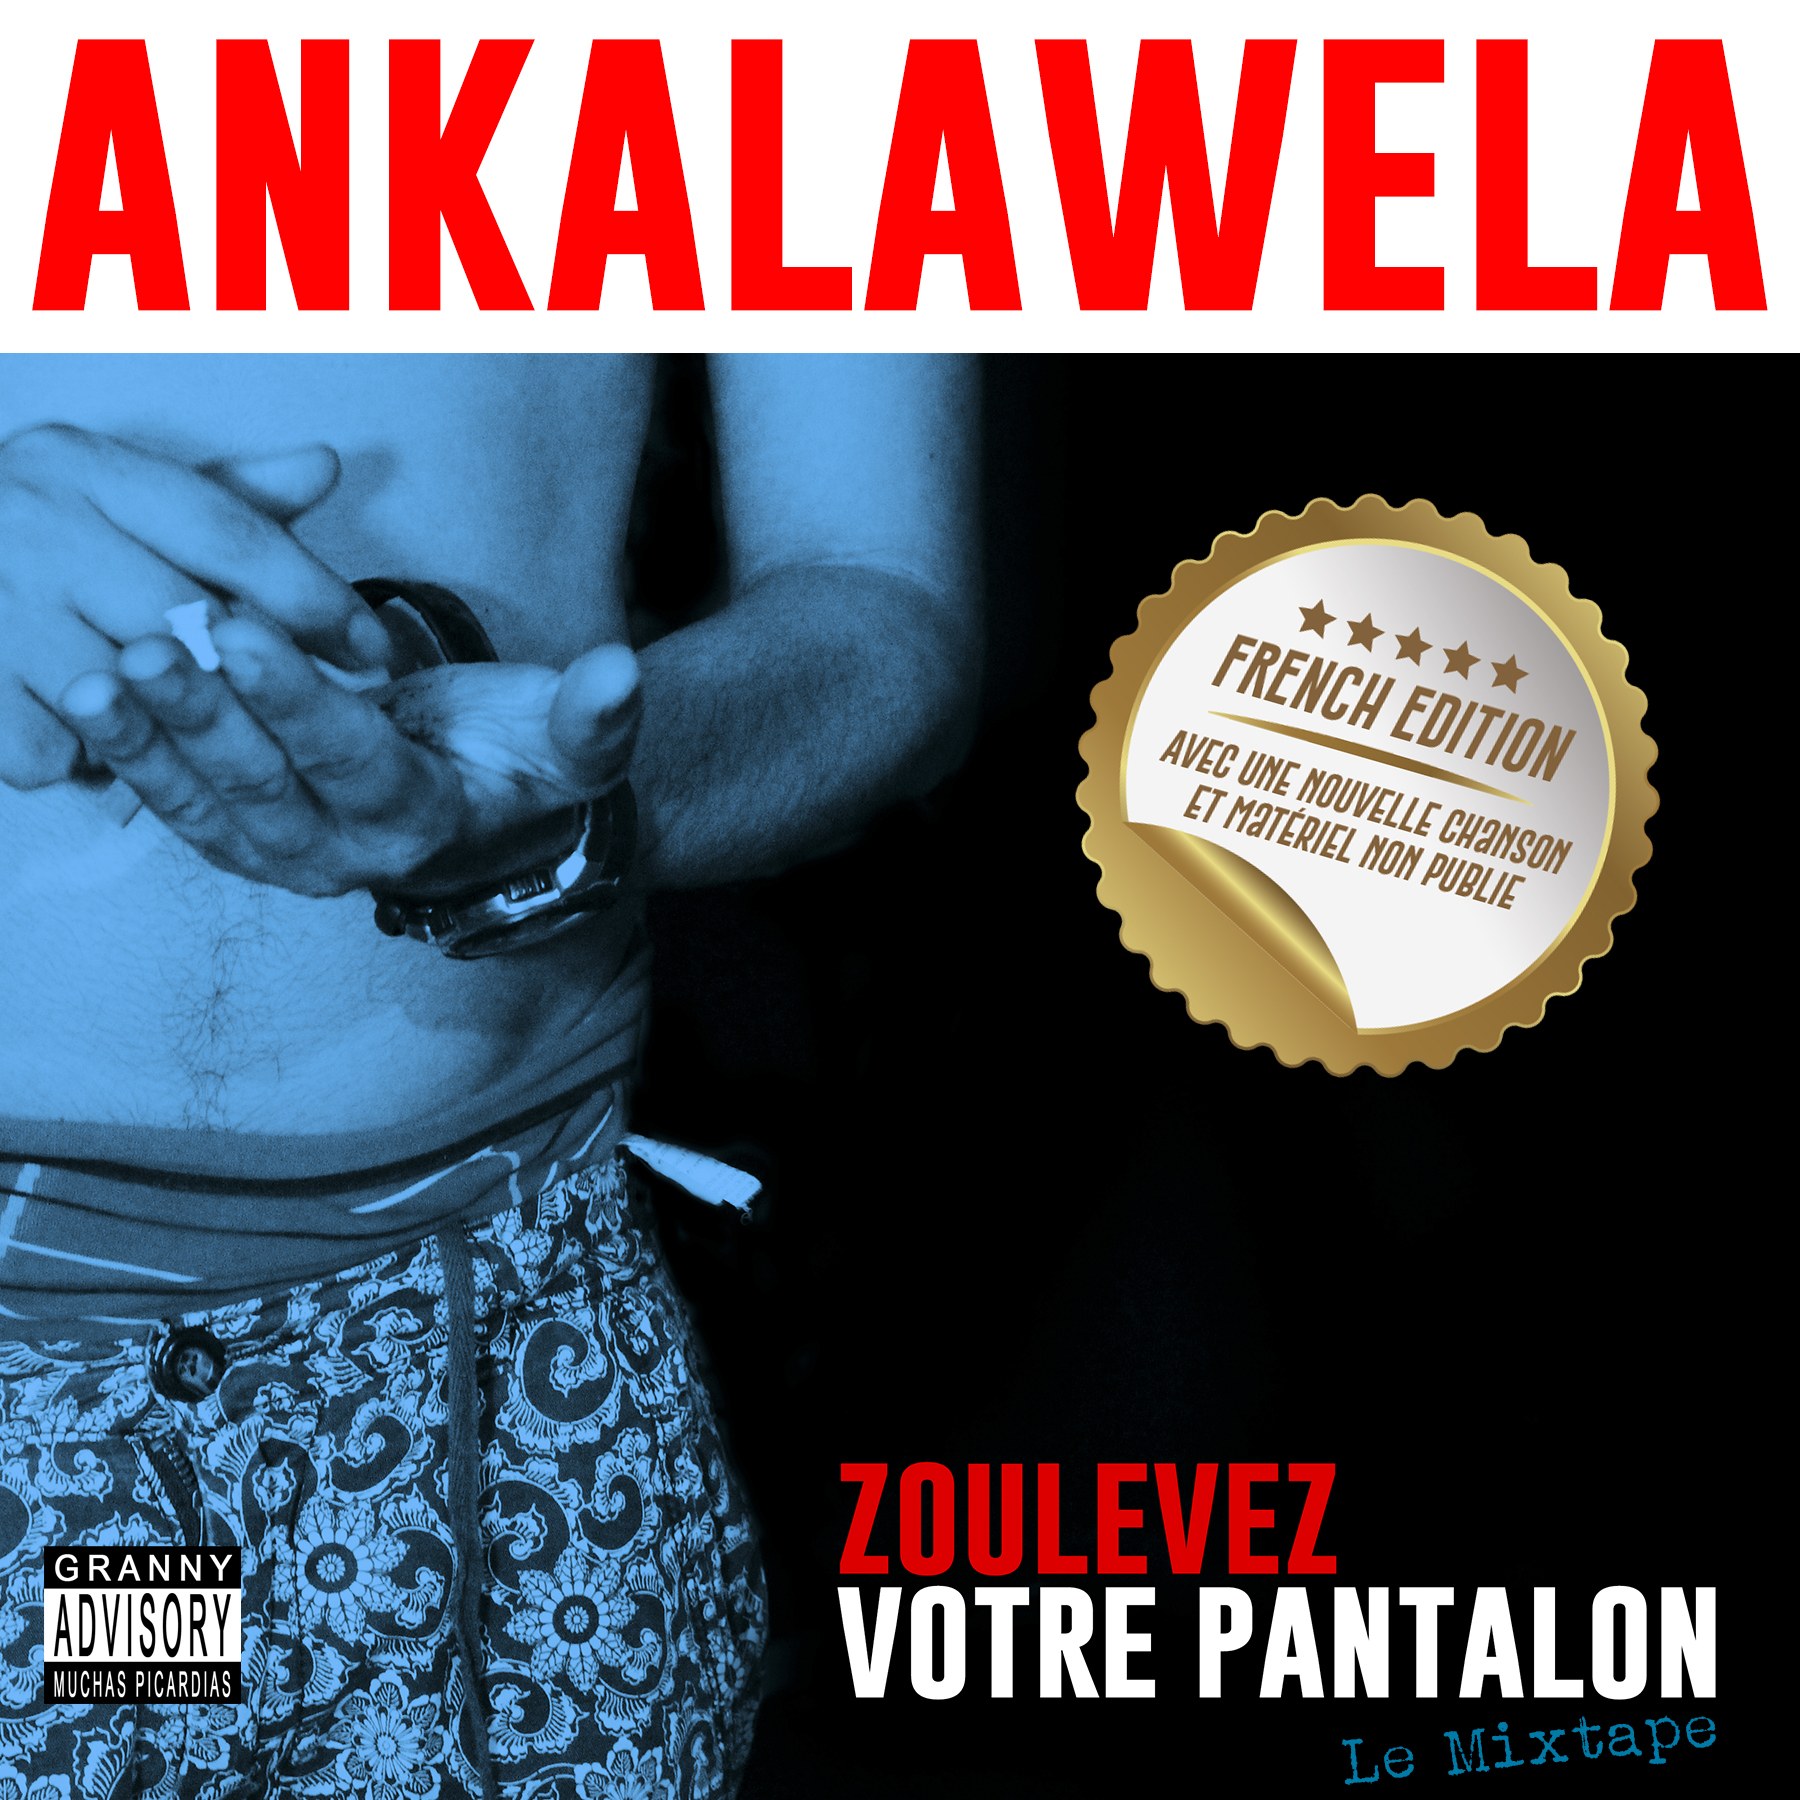 Ankalawela -Zoulevez votre pantalon (2017) 01